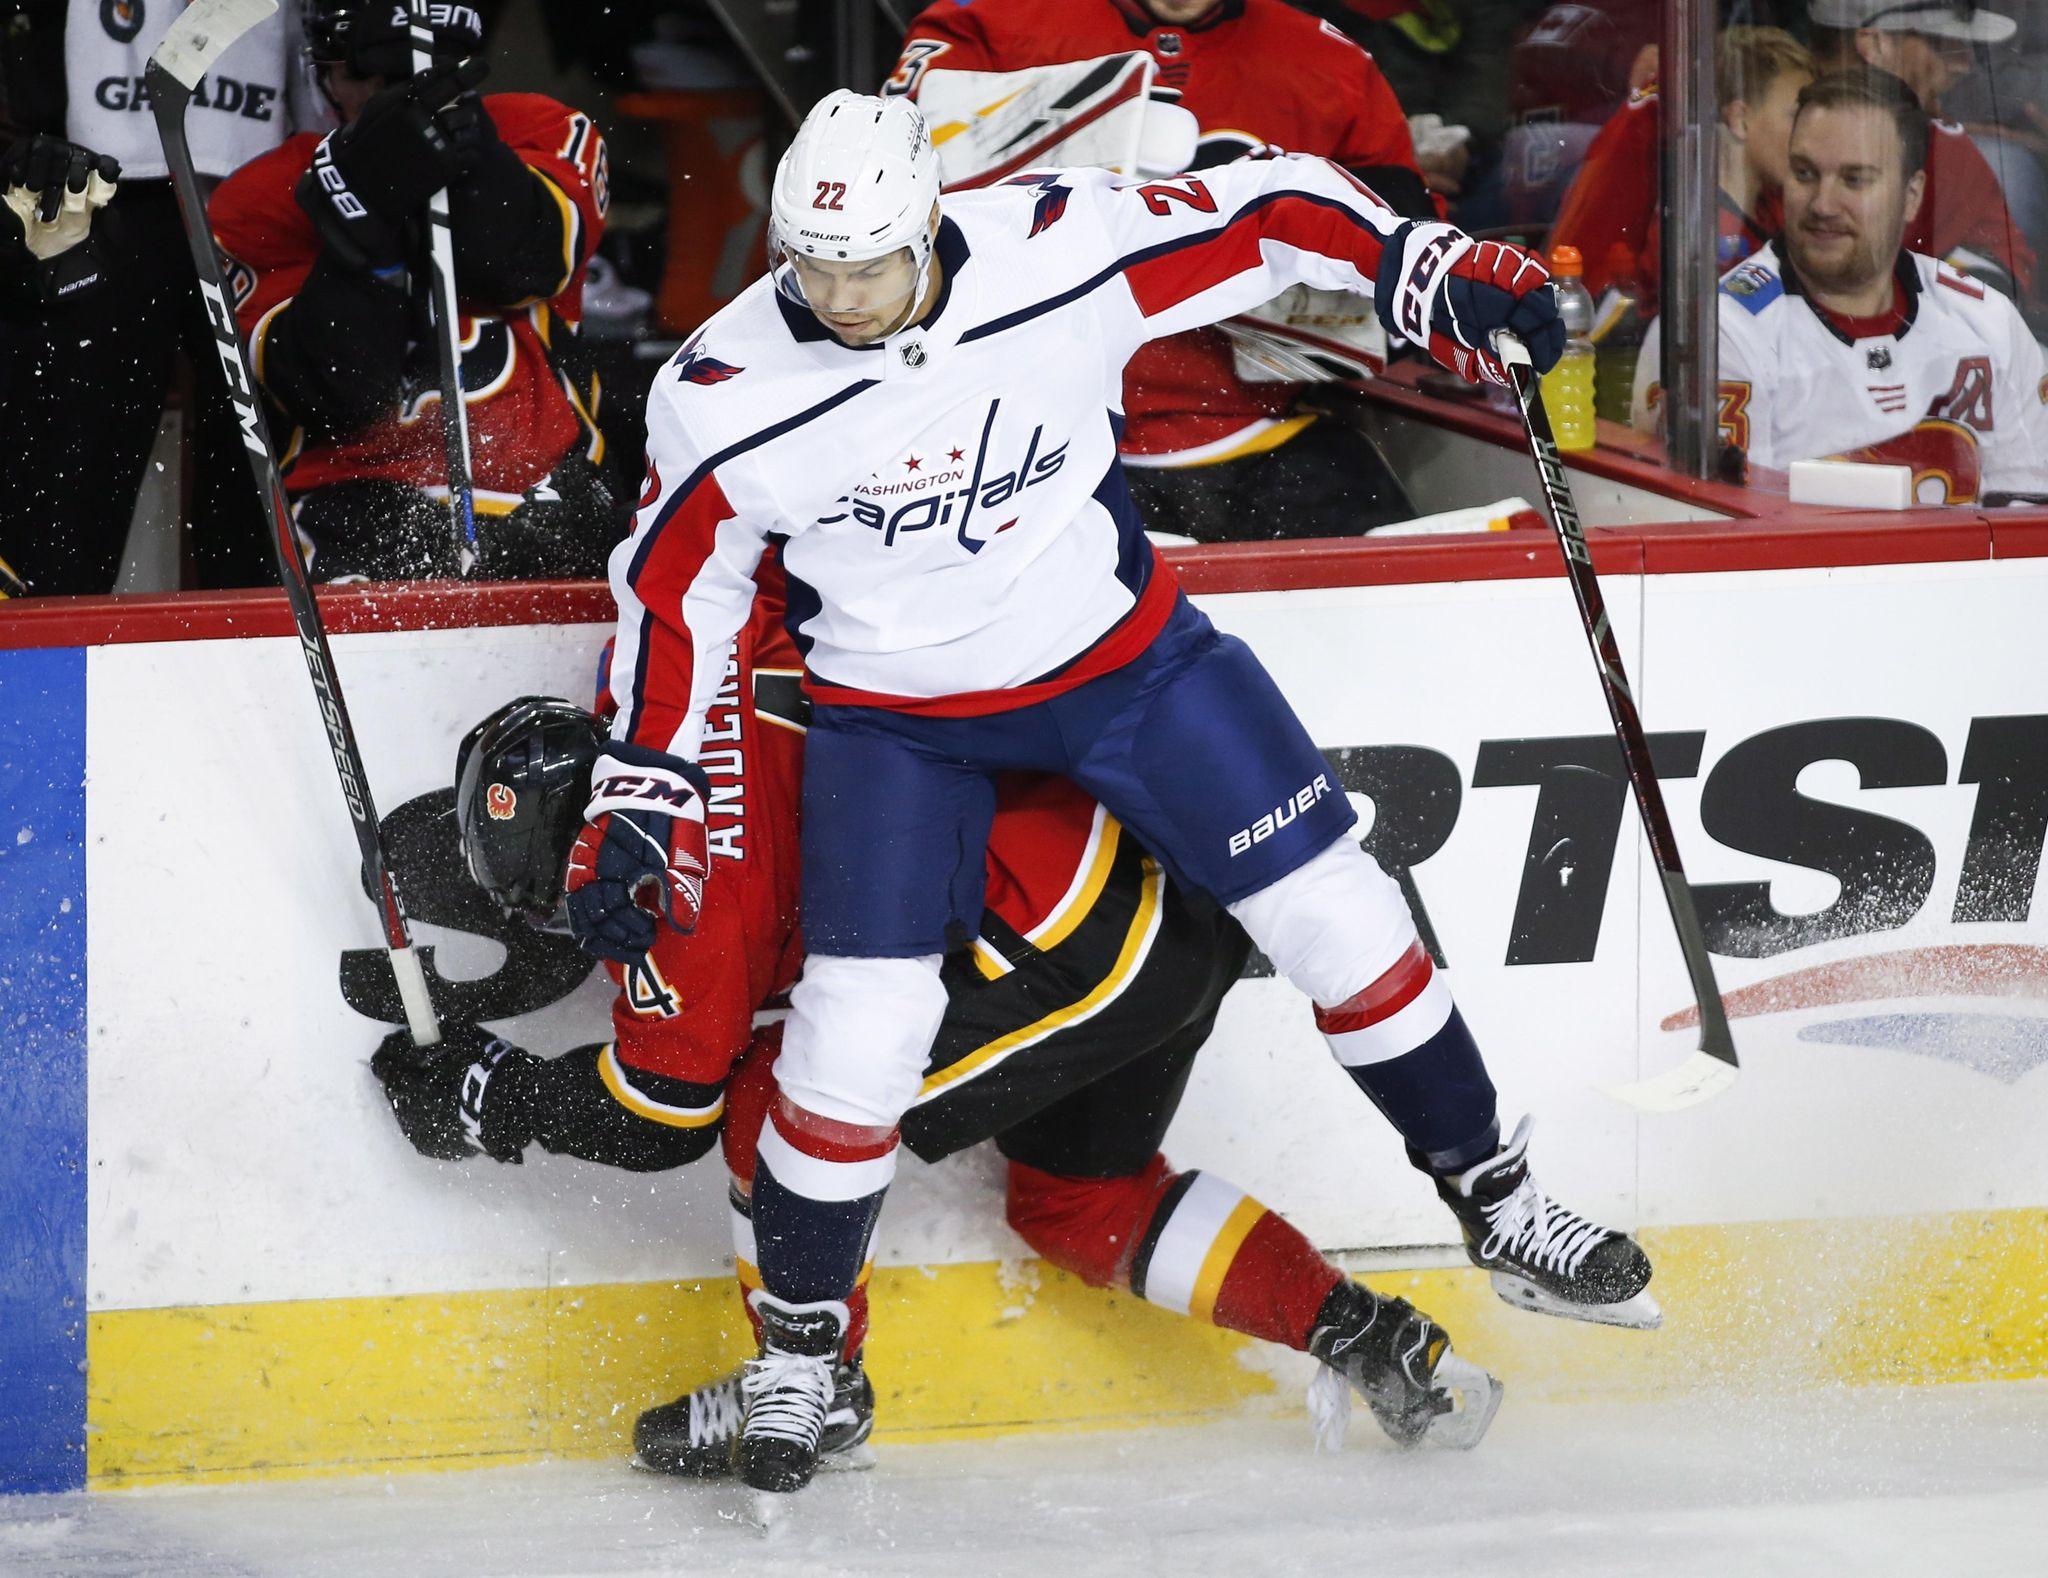 Capitals_flames_hockey_15706_s2048x1578